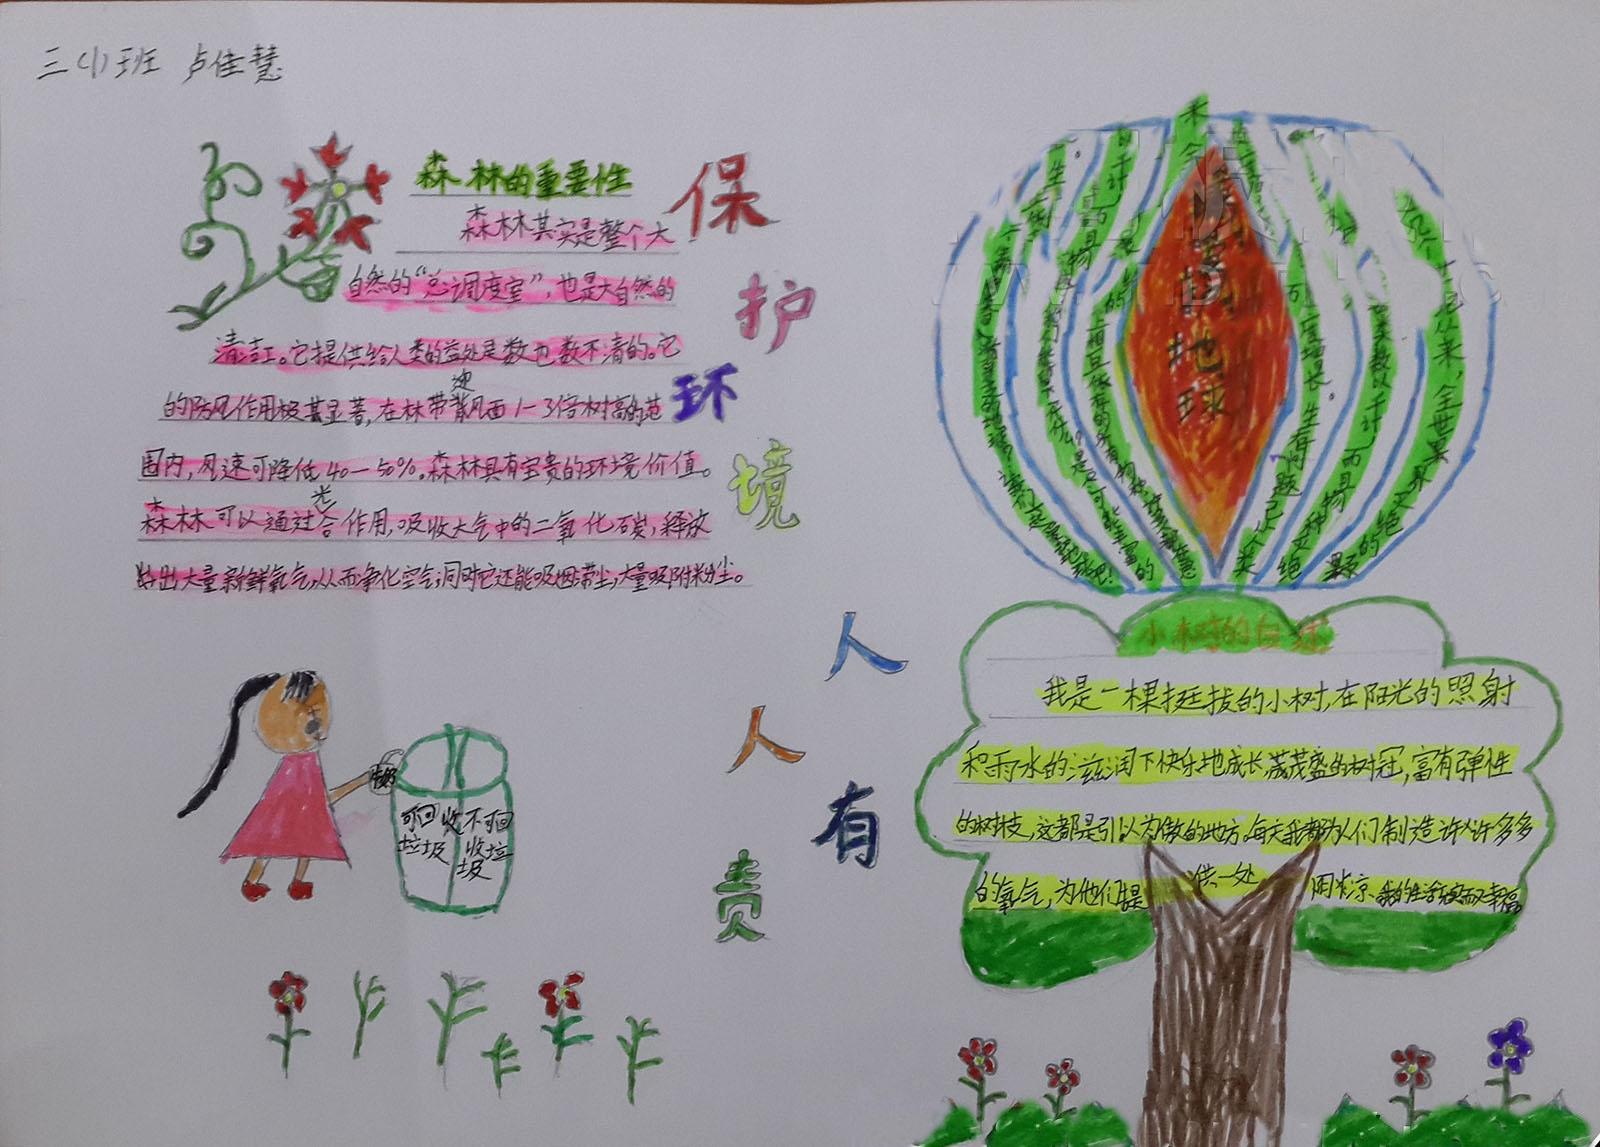 三年级手抄报:争当环保小画家